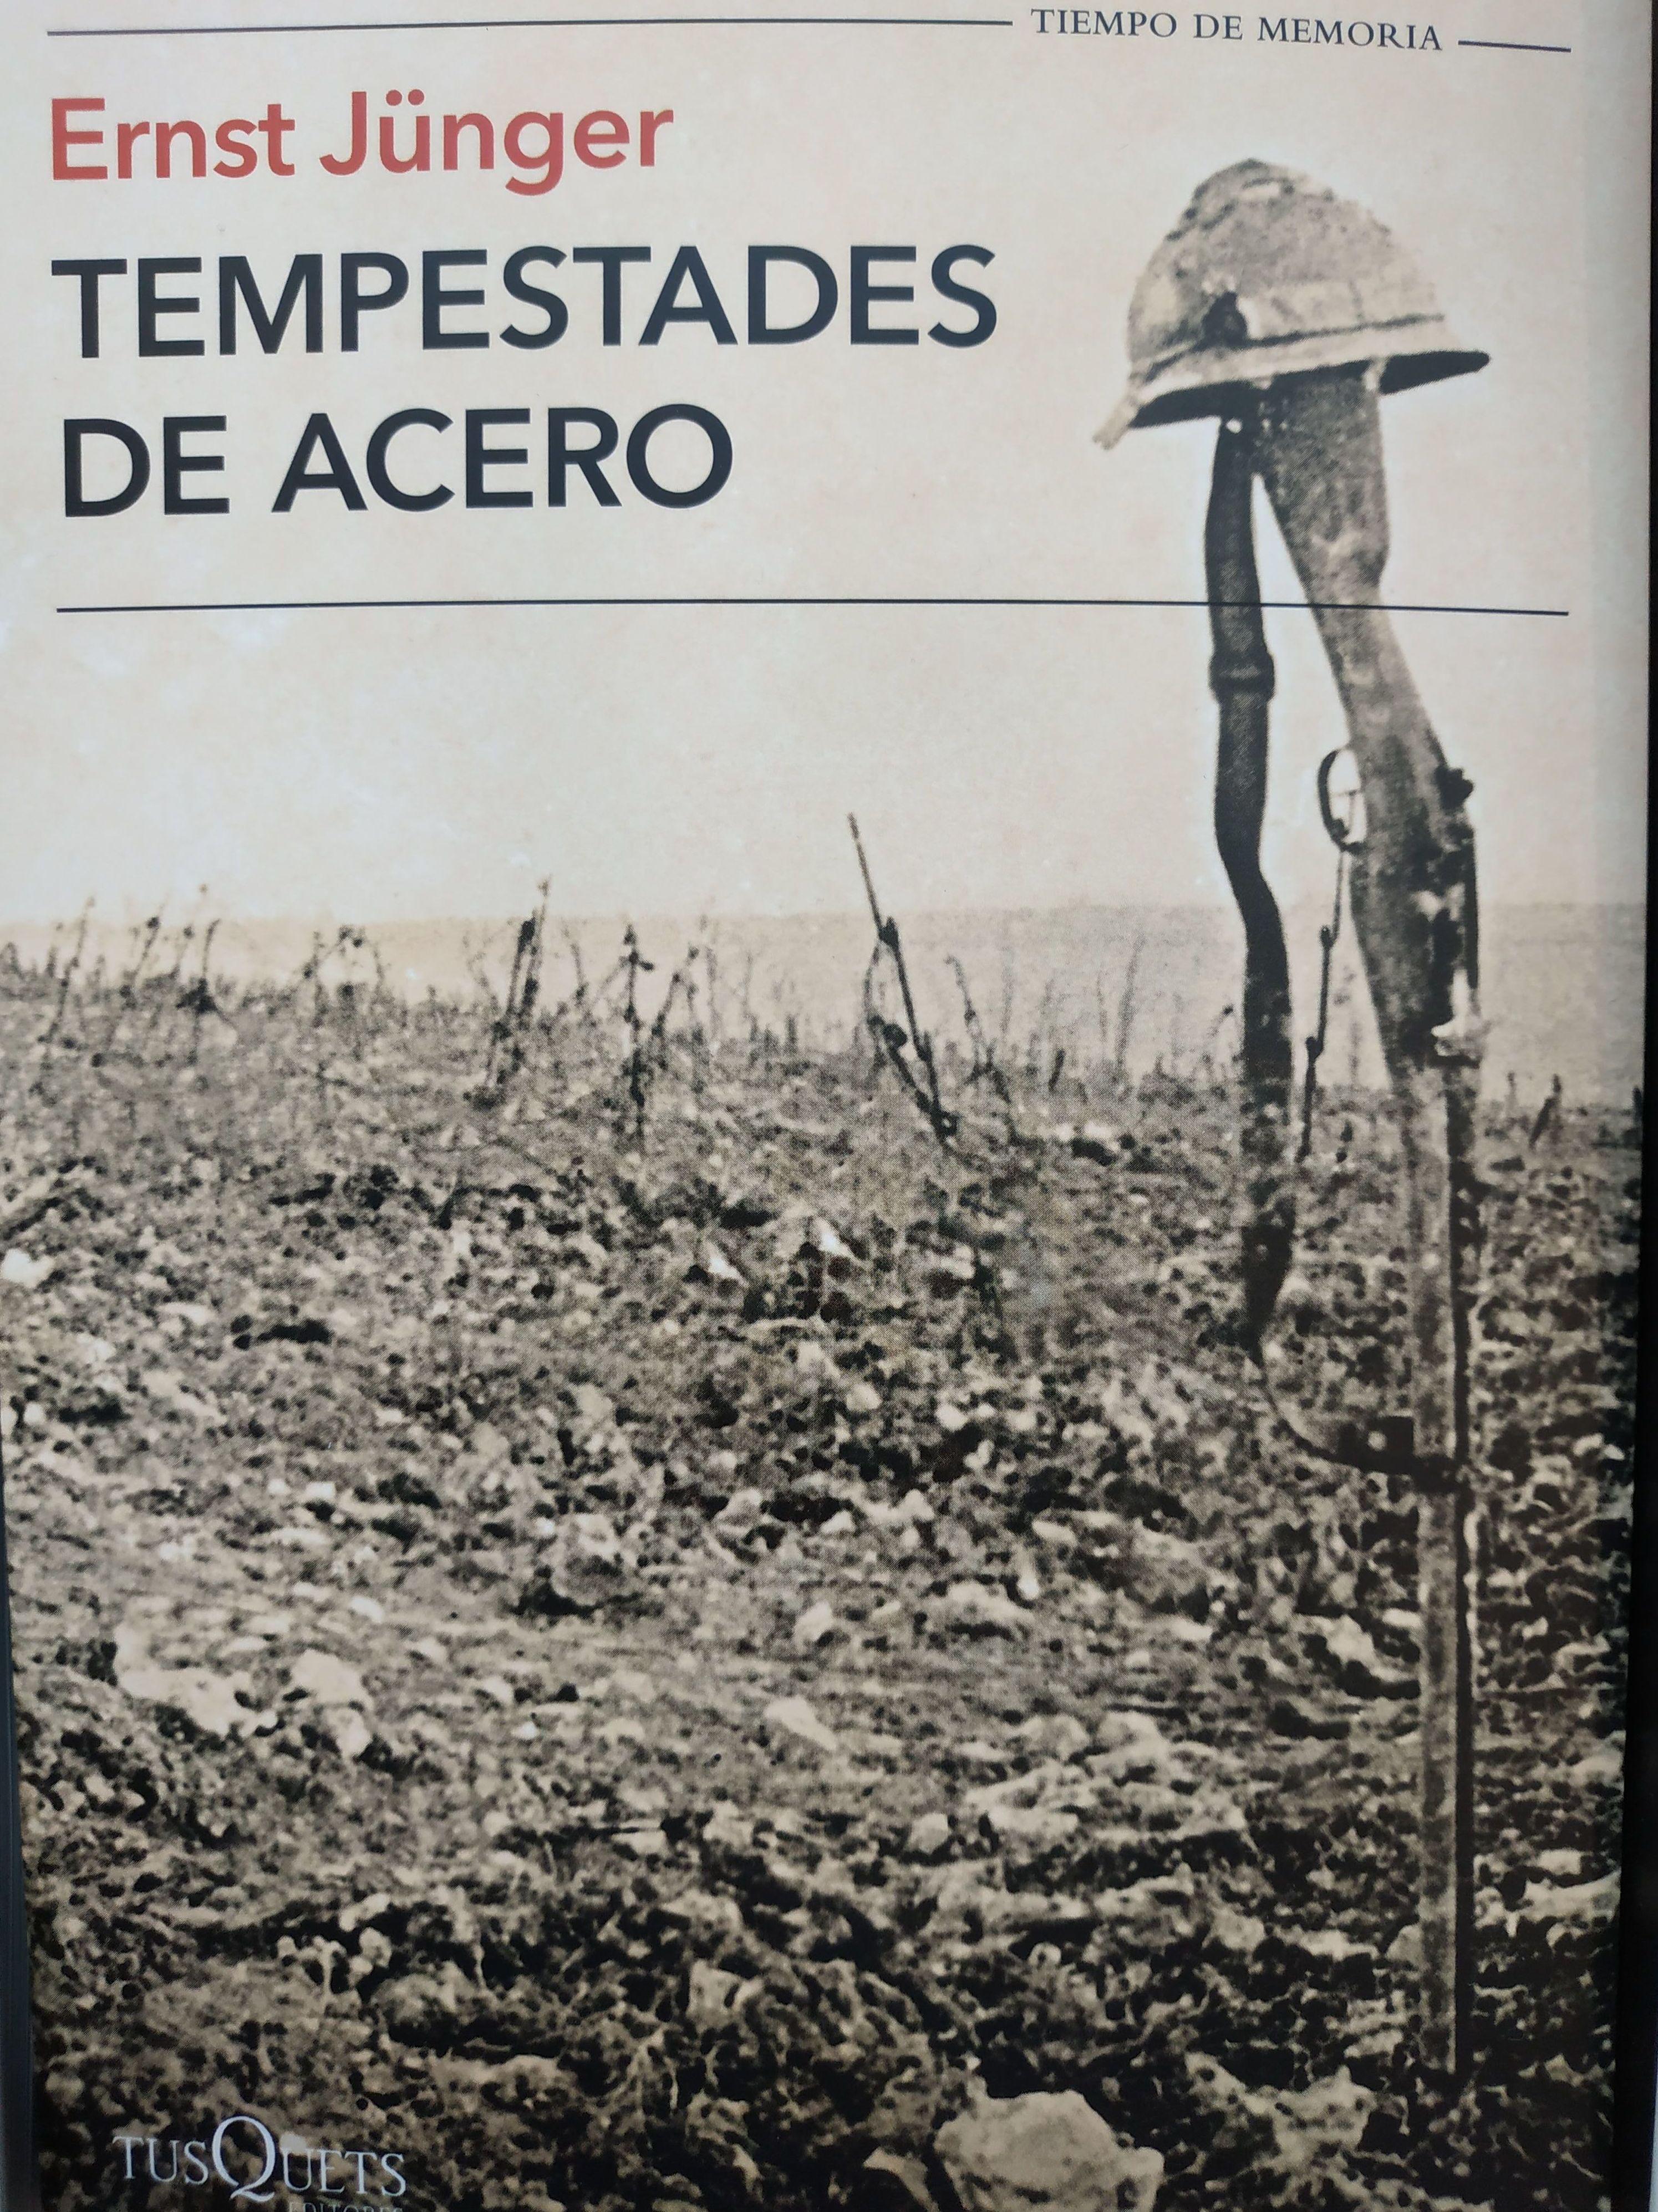 TEMPESTADES DE ACERO: SECCIONES de Librería Nueva Plaza Universitaria